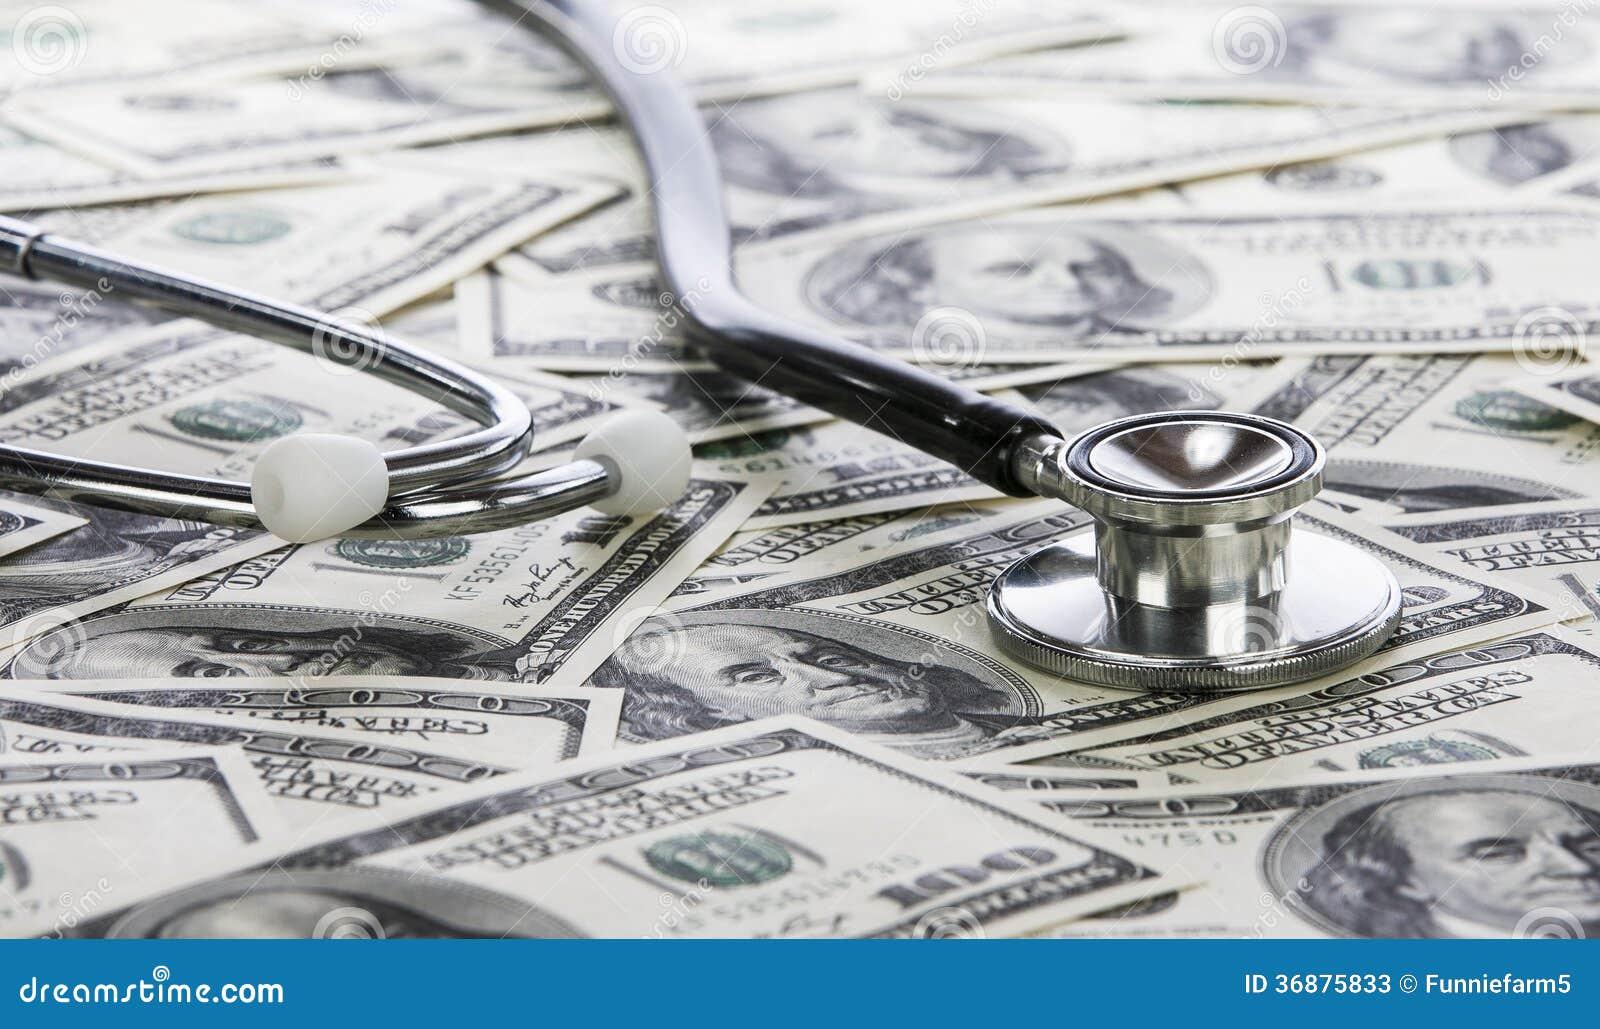 Download Costo di sanità immagine stock. Immagine di sano, background - 36875833